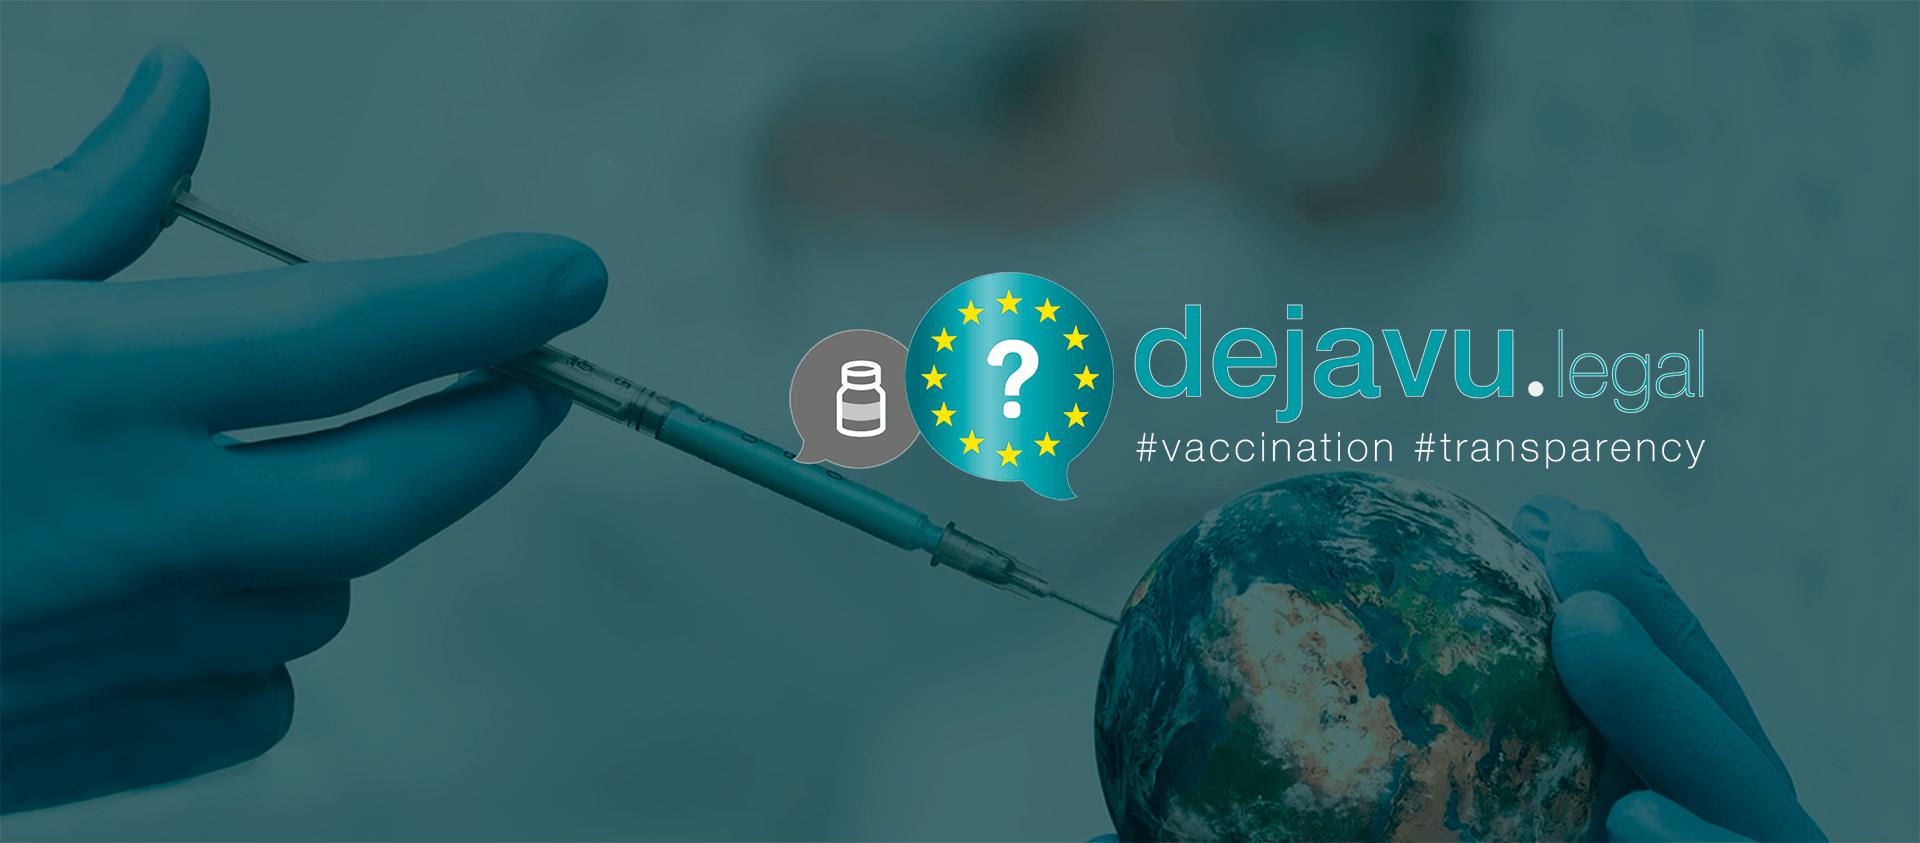 Vaccini Covid: supera le 100mila firme la petizione che chiede trasparenza alla UE